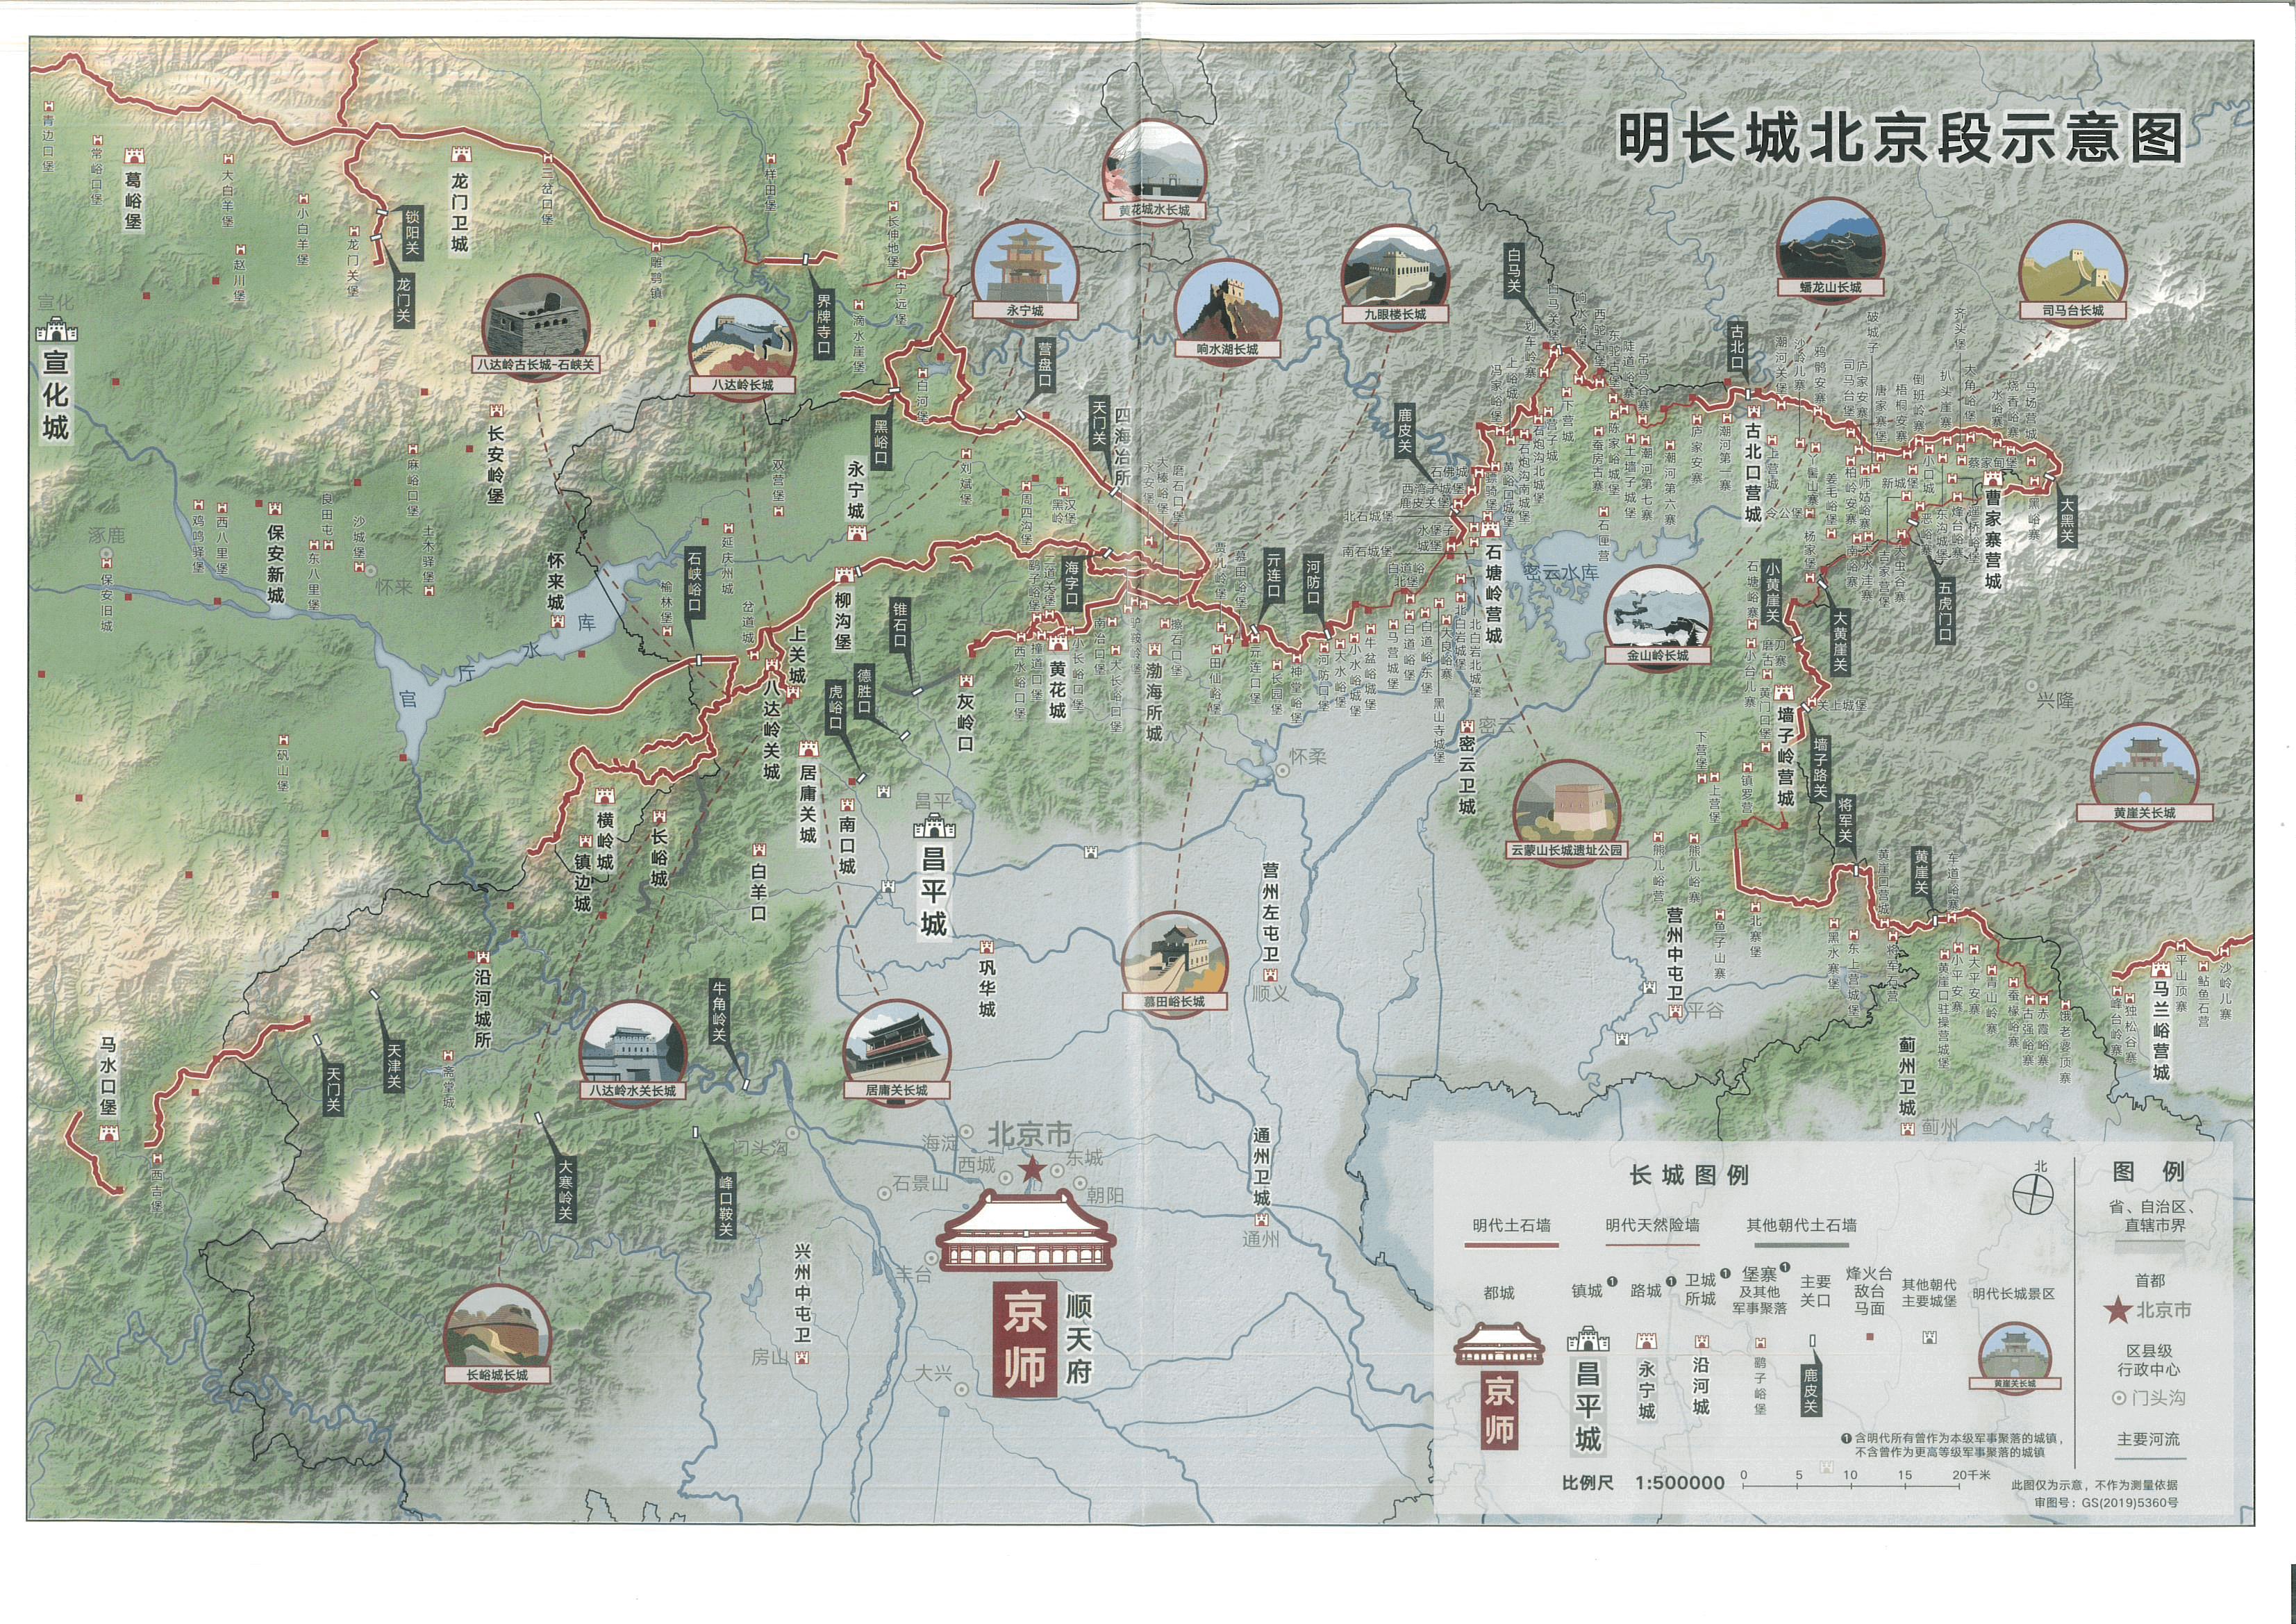 明长城北京段示意图